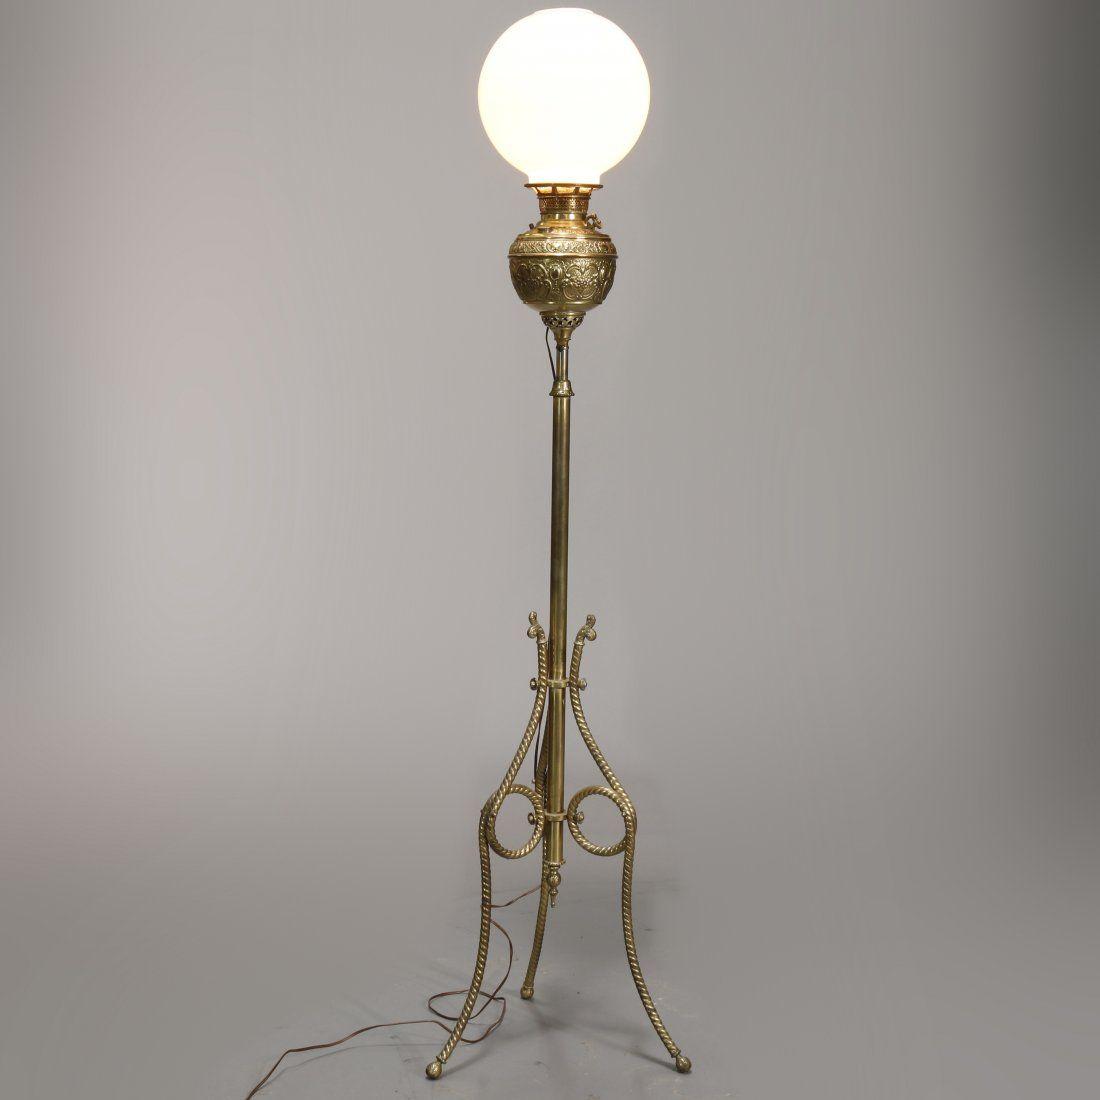 Victorian Brass Juno Banquet Piano Floor Lamp, C 1890